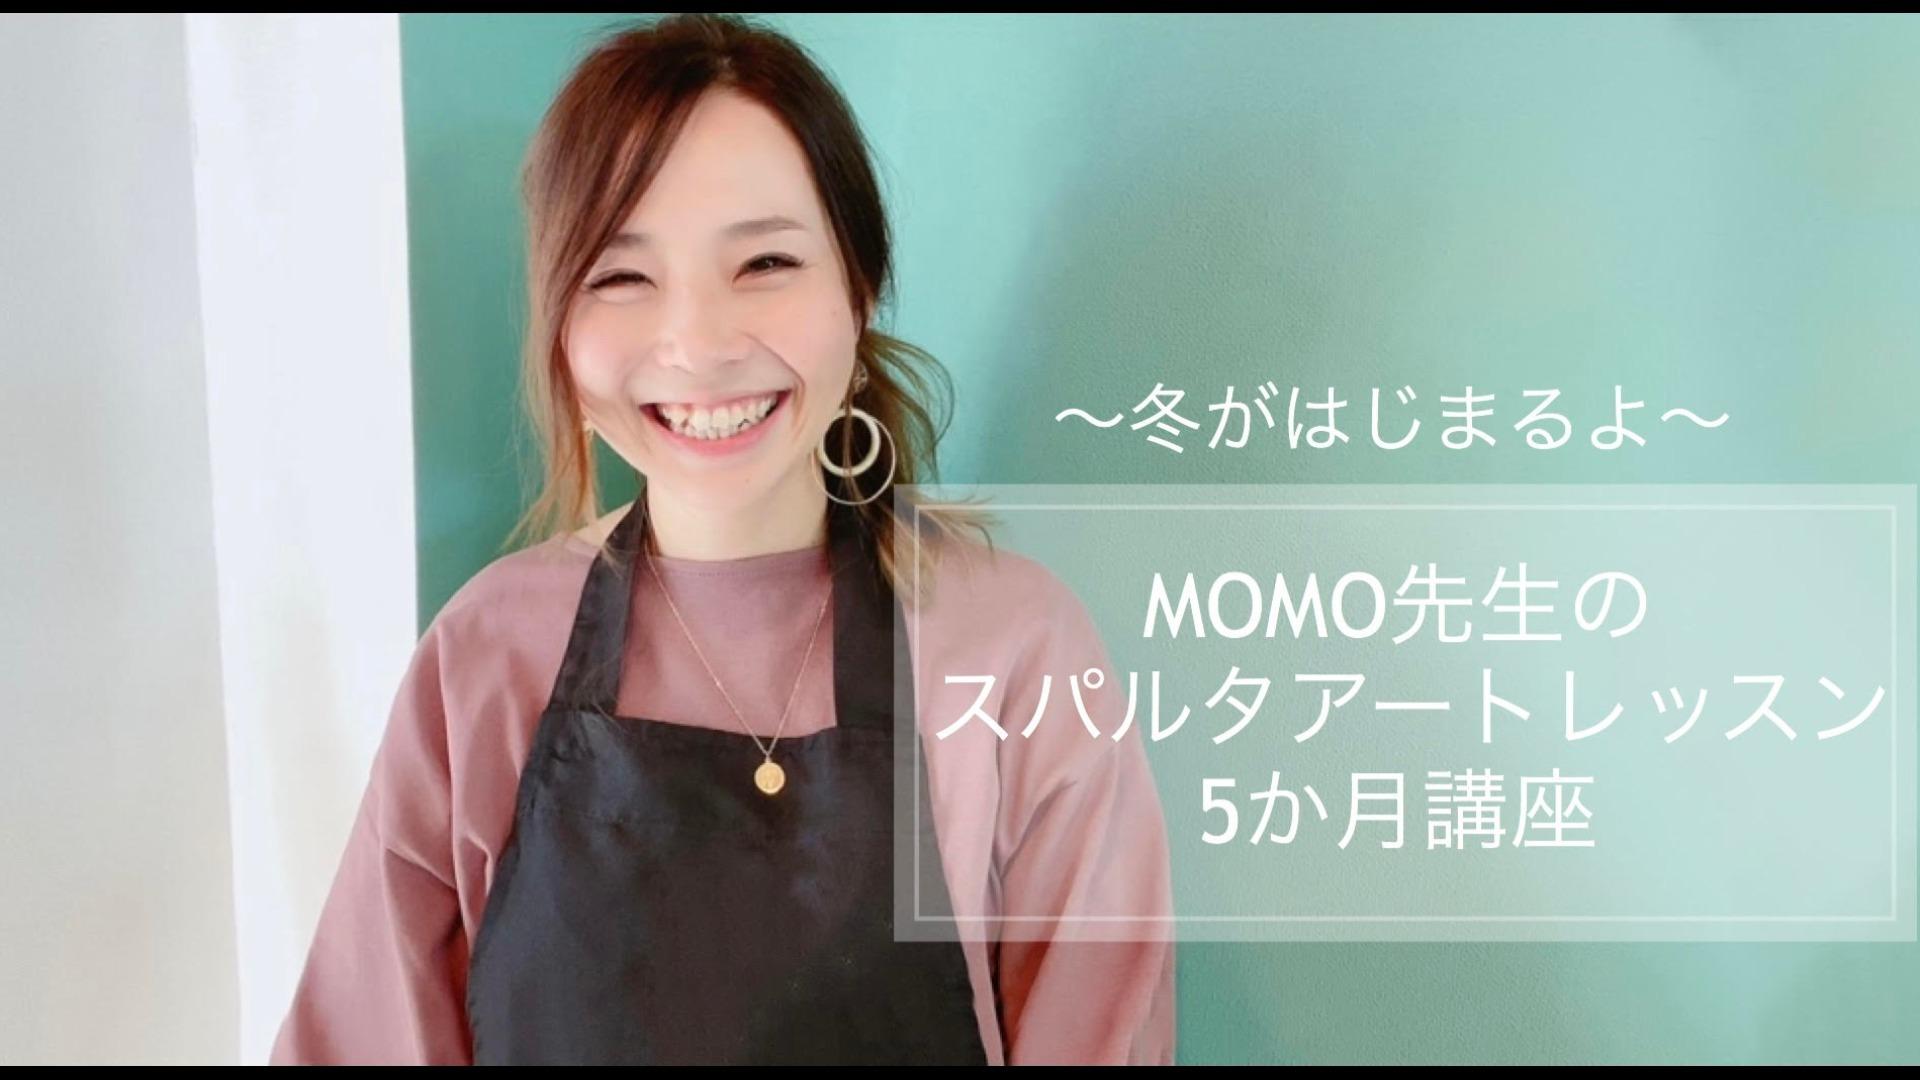 【第二期】MOMO先生のスパルタアートレッスン〜5ヵ月講座〜